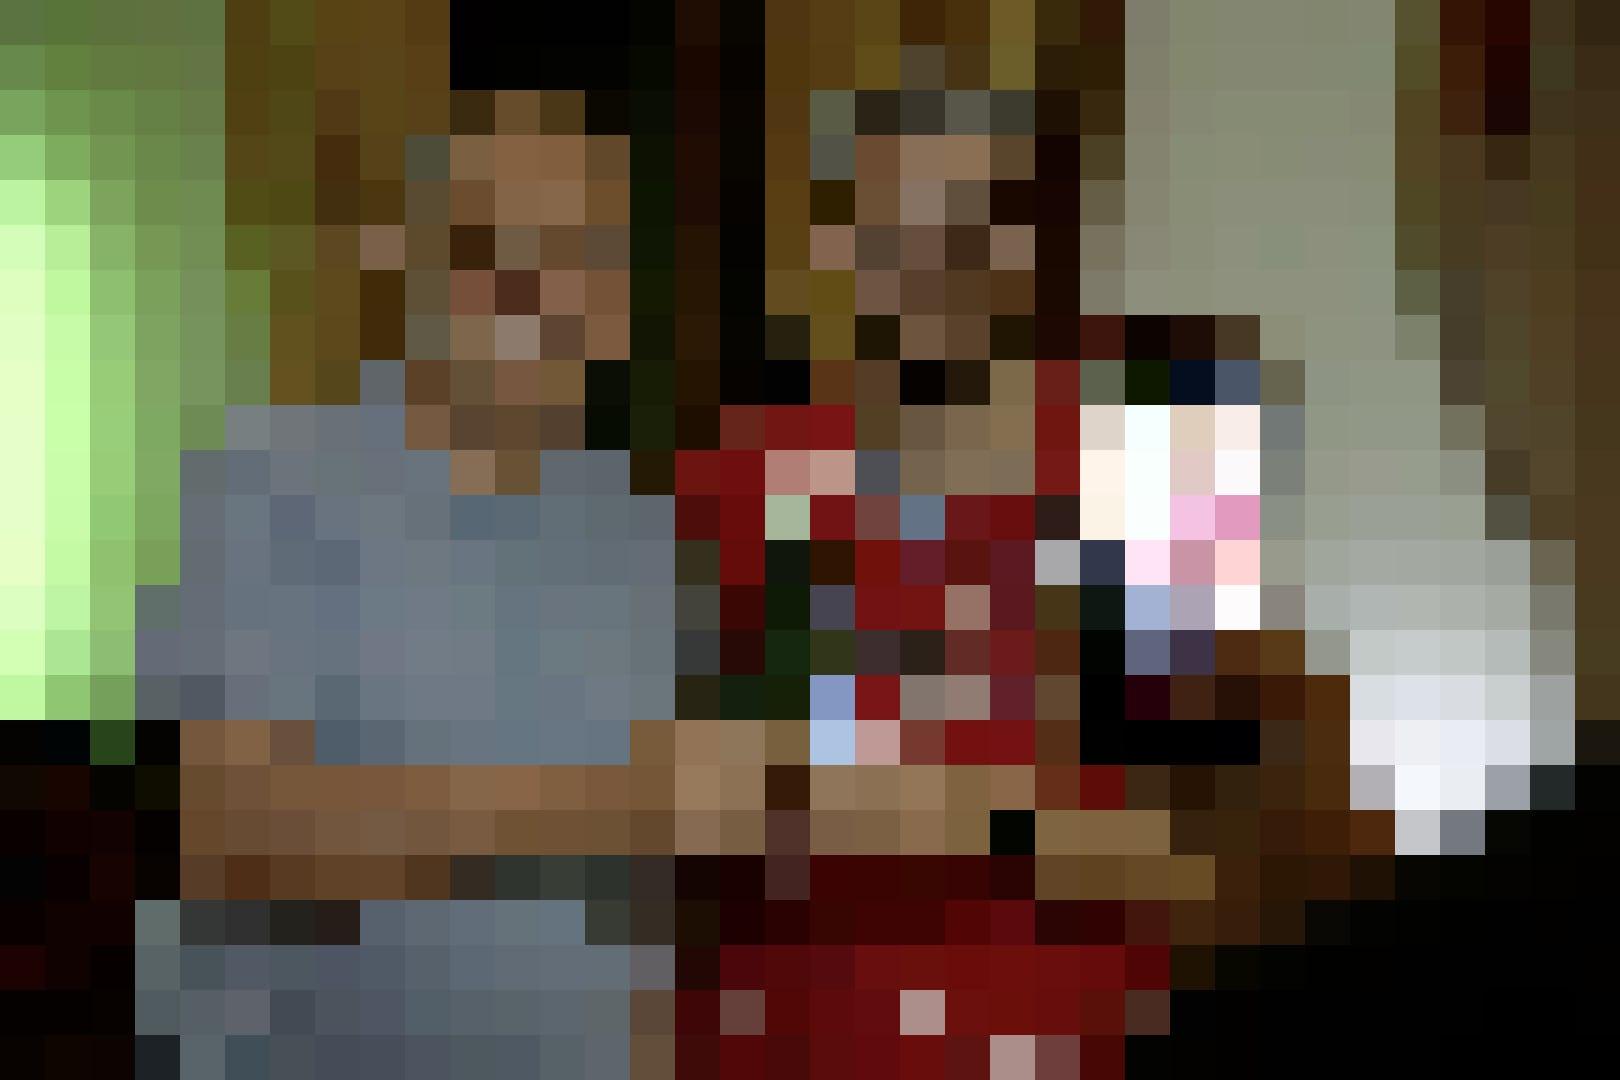 Die glücklichen Gewinner der Challenge durften sich mit Thurnheer ablichten lassen und das Spiel der Schweizer Nati an der exklusiven Location verfolg...